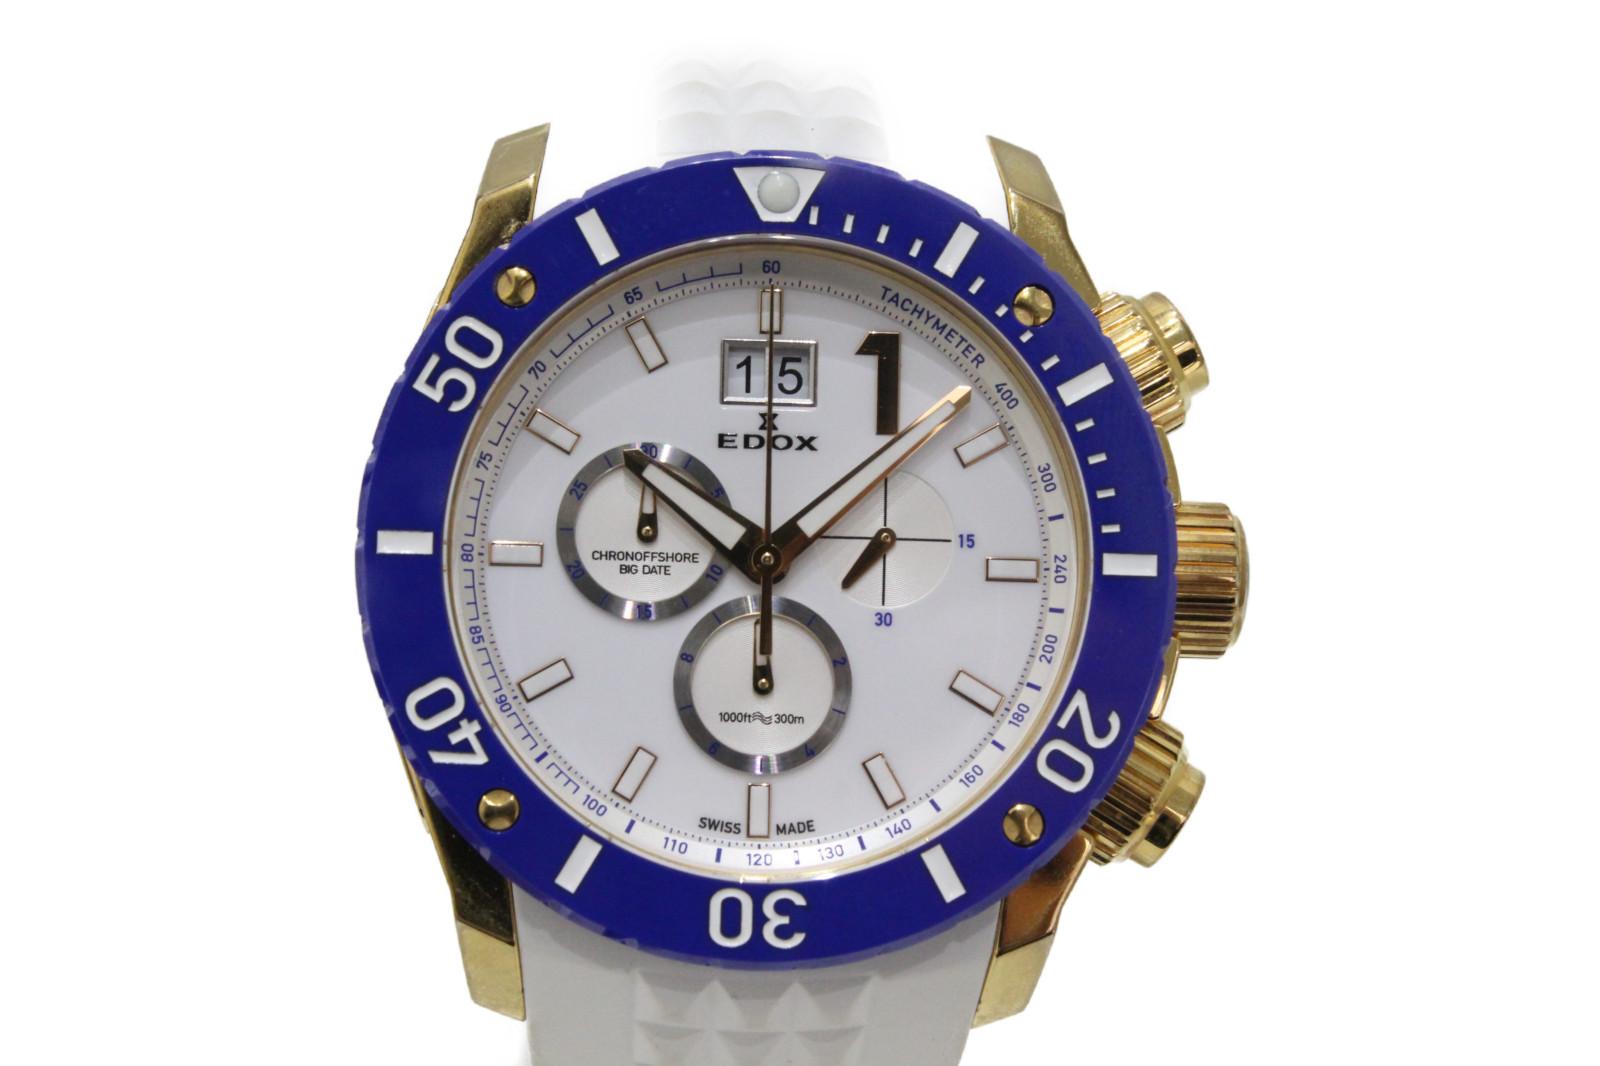 【10周年記念215本限定モデル】EDOX エドックス クロノオフショア1 10020-37RBU-BIR クオーツ デイト クロノグラフ ラバーベルト ホワイト ゴールド ブルー メンズ 腕時計【中古】